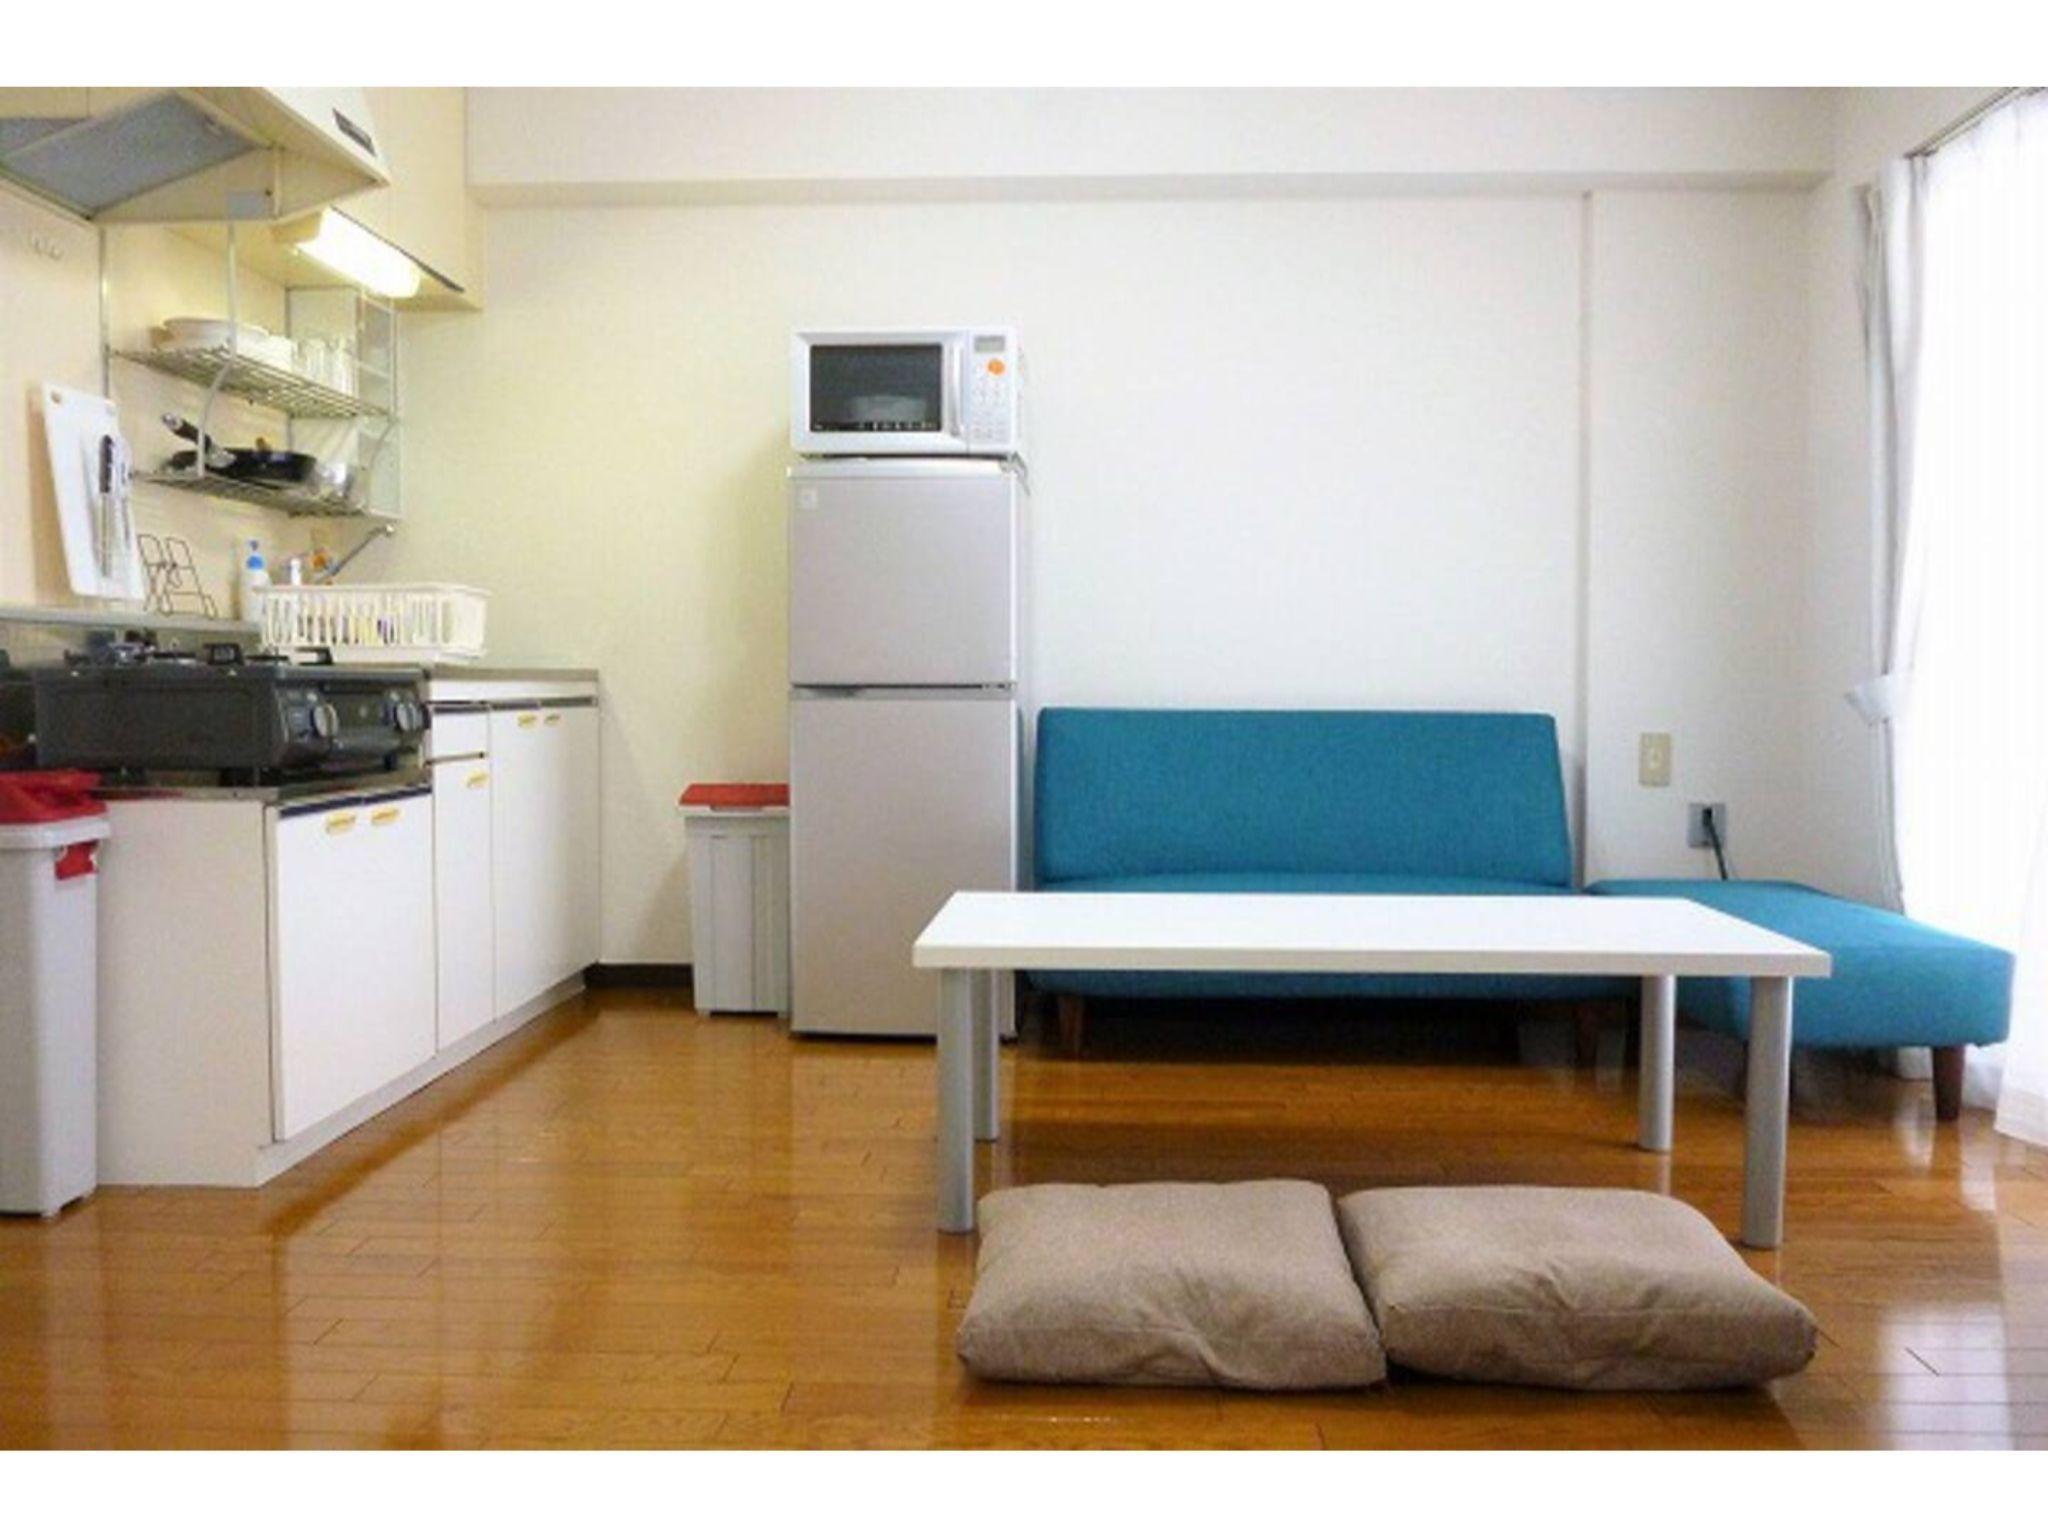 人気の中島公園エリアのマンション♪50m2 リバービューで眺望良好!美室☆(701)